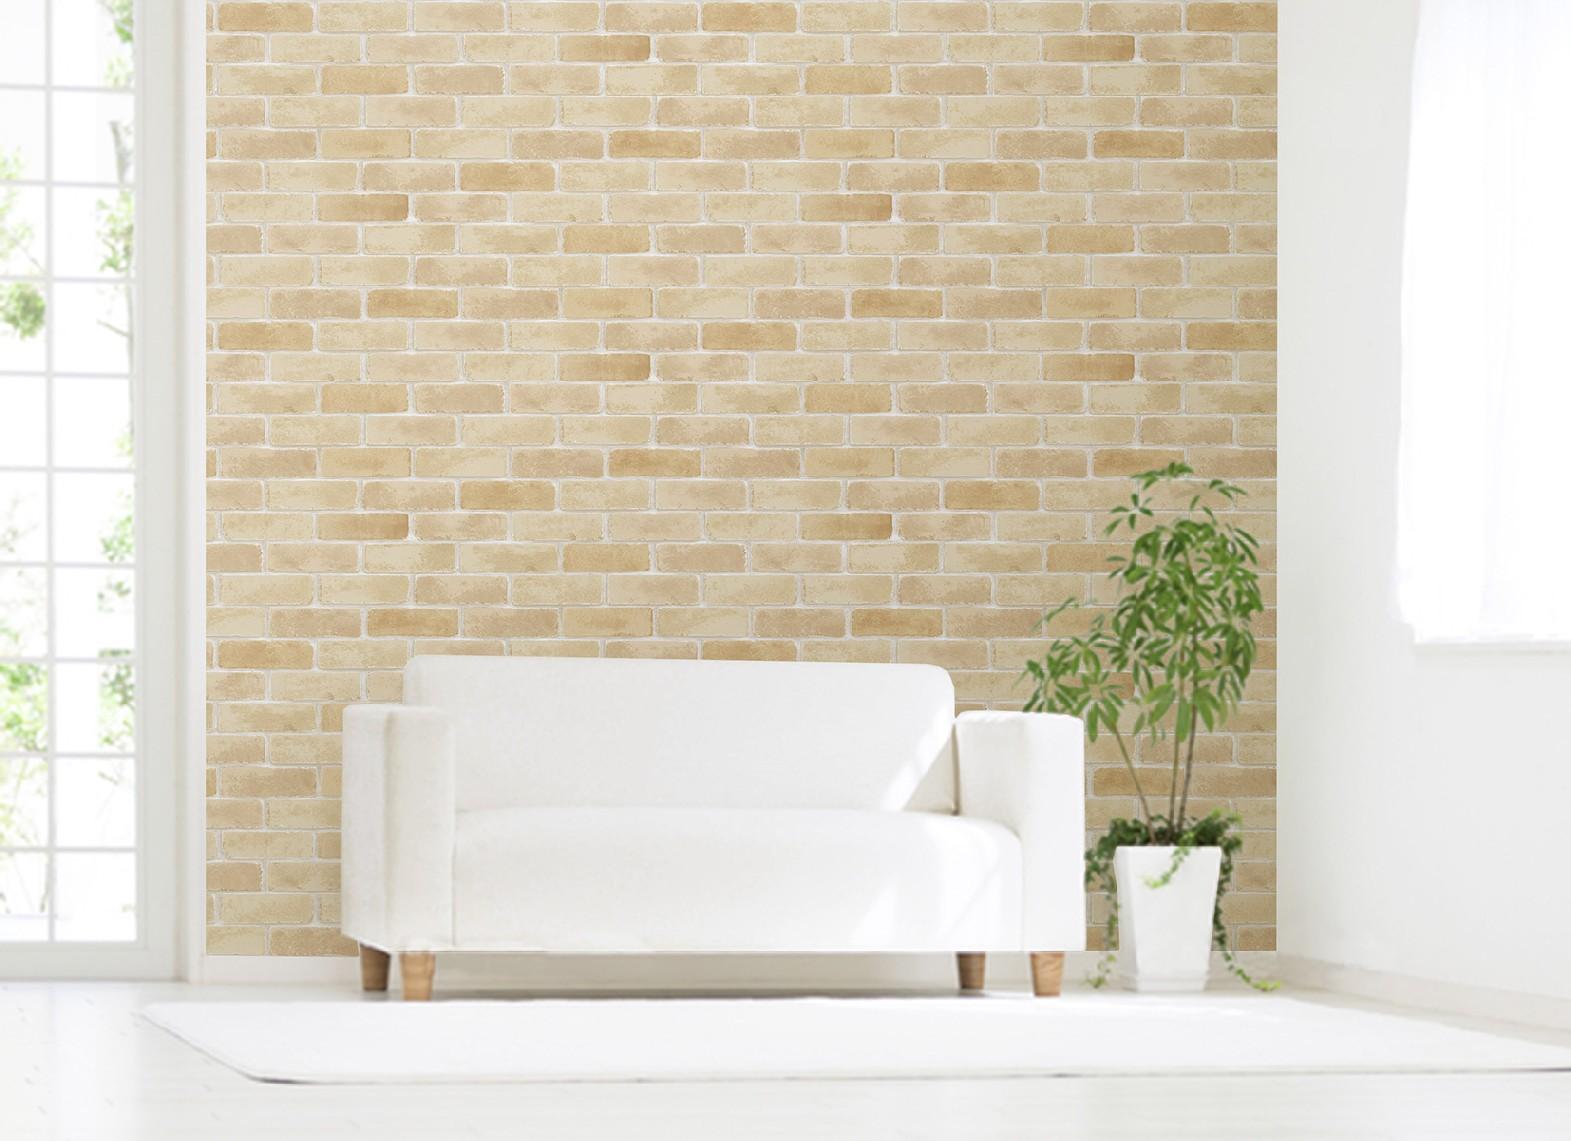 塩ビ壁紙に貼れるシート貼って剥がしても壁を傷めません お部屋を簡単に可愛く飾れる 送料無料 アクセント壁紙 92cmx2.5m 当店限定販売 10666632 専門店 レンガ WAP-501